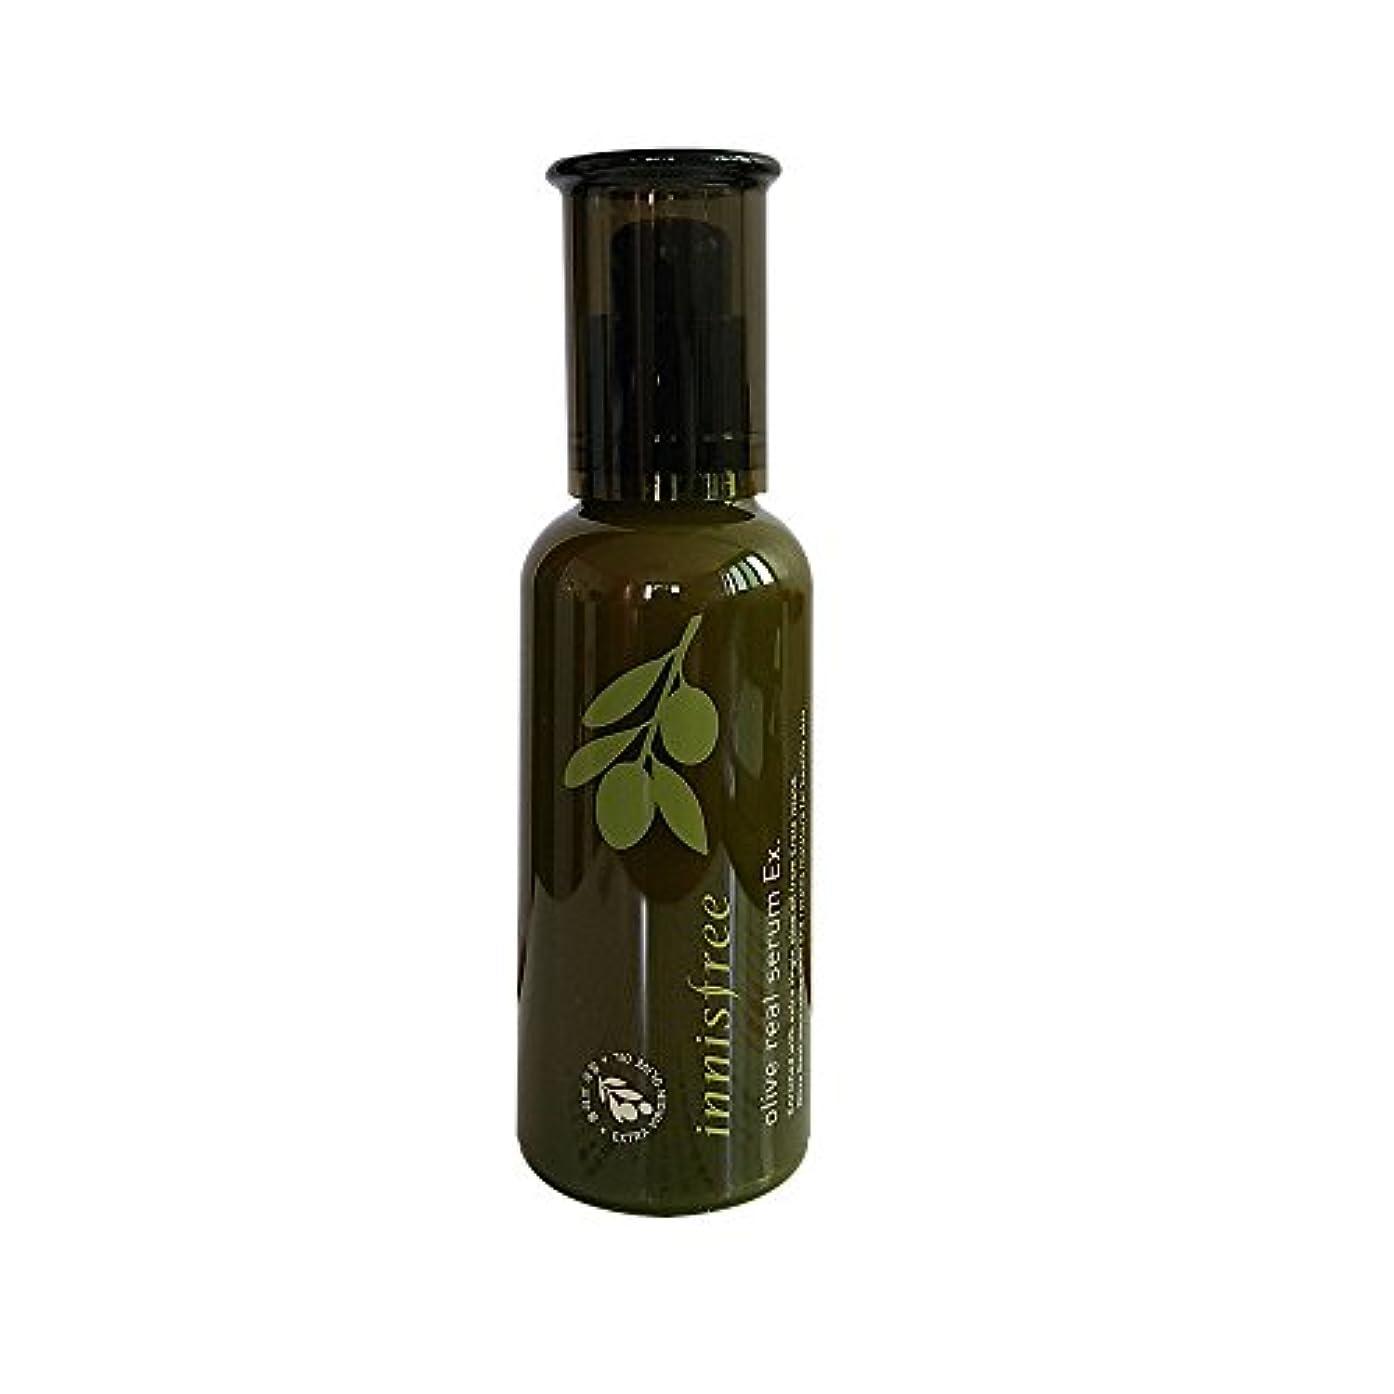 ループ農村群衆イニスフリー Innisfree オリーブリアルセラム(50ml) Innisfree Olive Real Serum(50ml) [海外直送品]